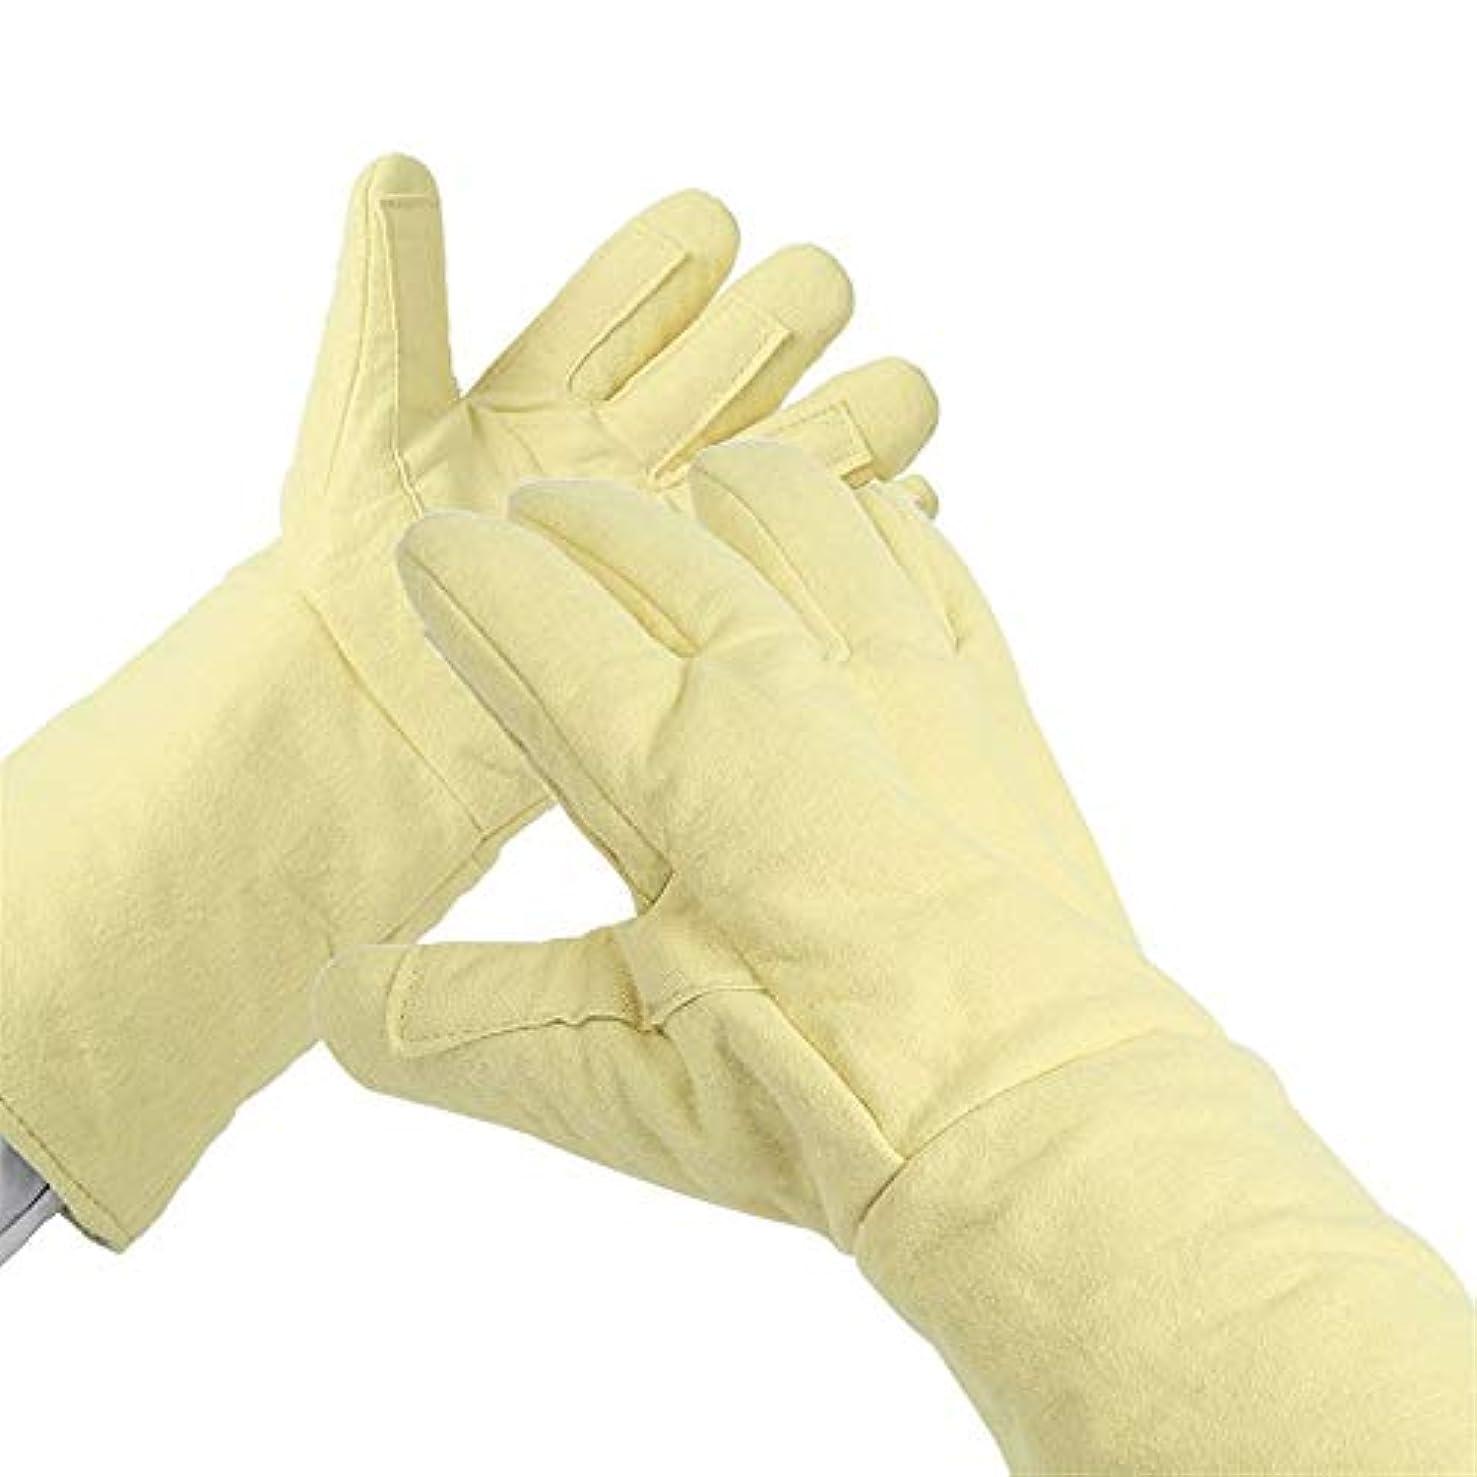 柔らかさ発行する消化BTXXYJP 高温耐性 手袋 アンチカッティング ハンド 穿刺 保護 産業労働者 耐摩耗性 手袋 (Color : Yellow, Size : L)